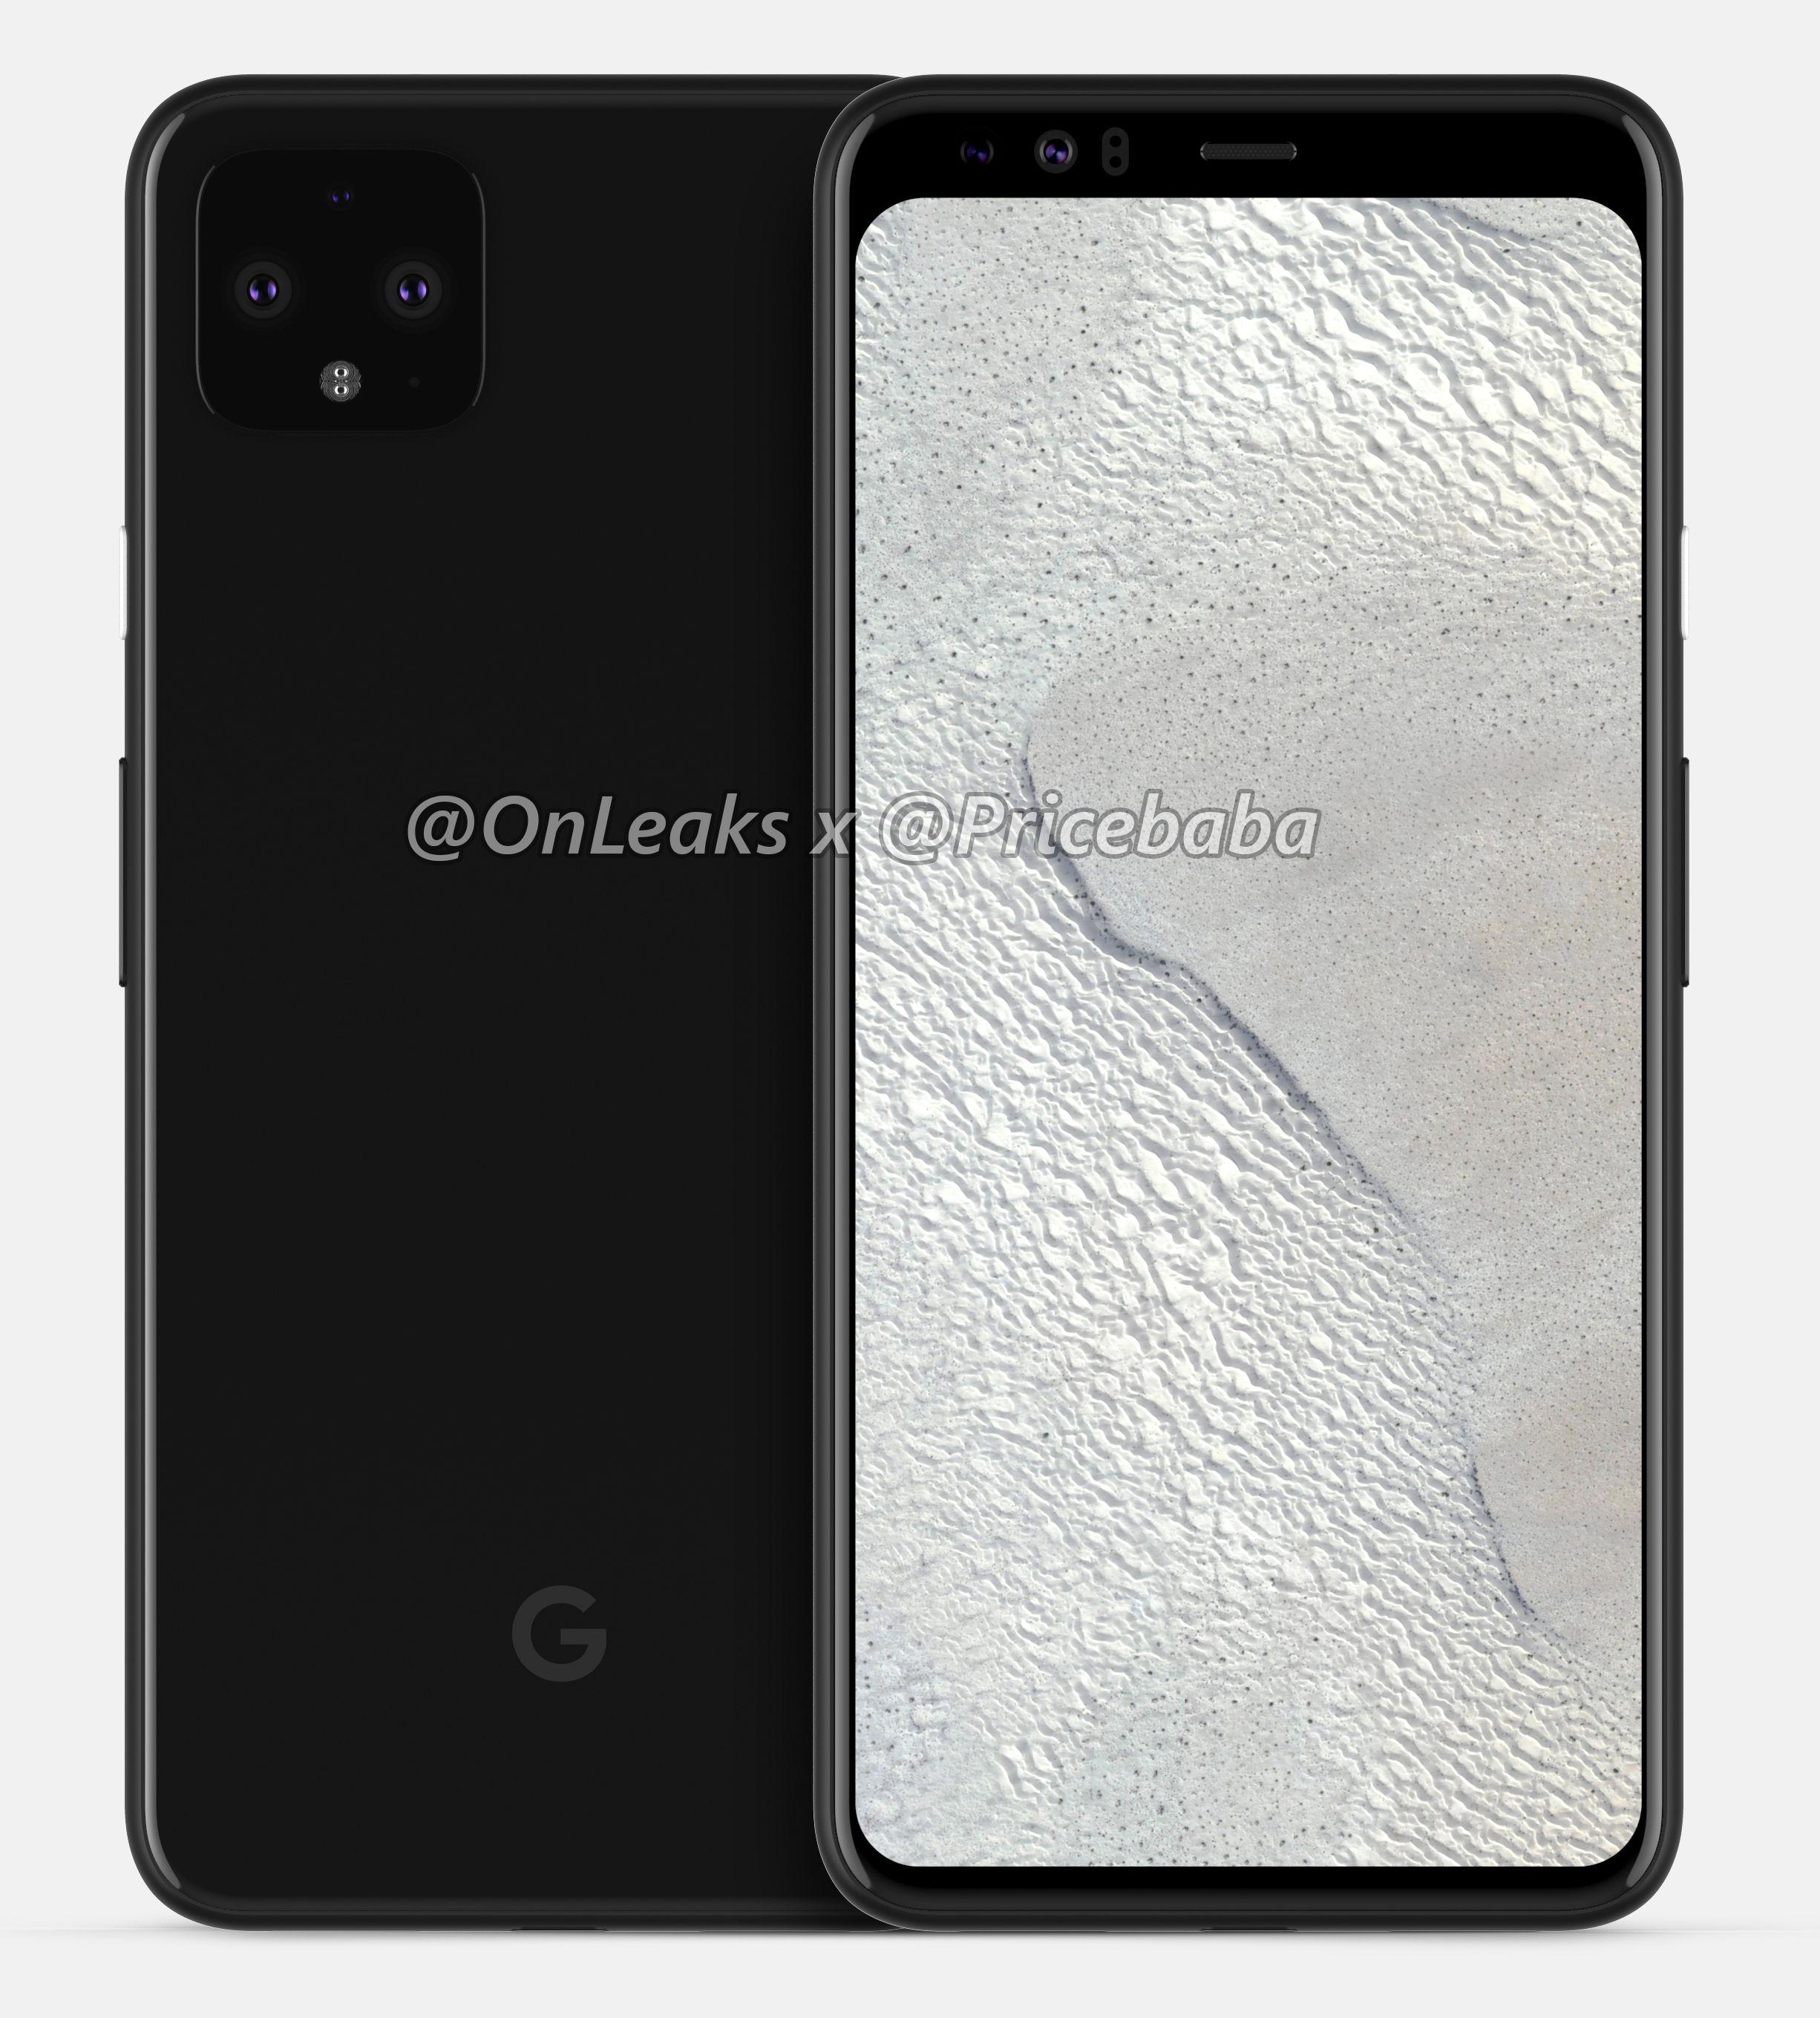 Google Pixel 4 XL rendery Onleaks smartfony Android plotki przecieki wycieki specyfikacja techniczna ekran Smooth Display Android 10 dane techniczne